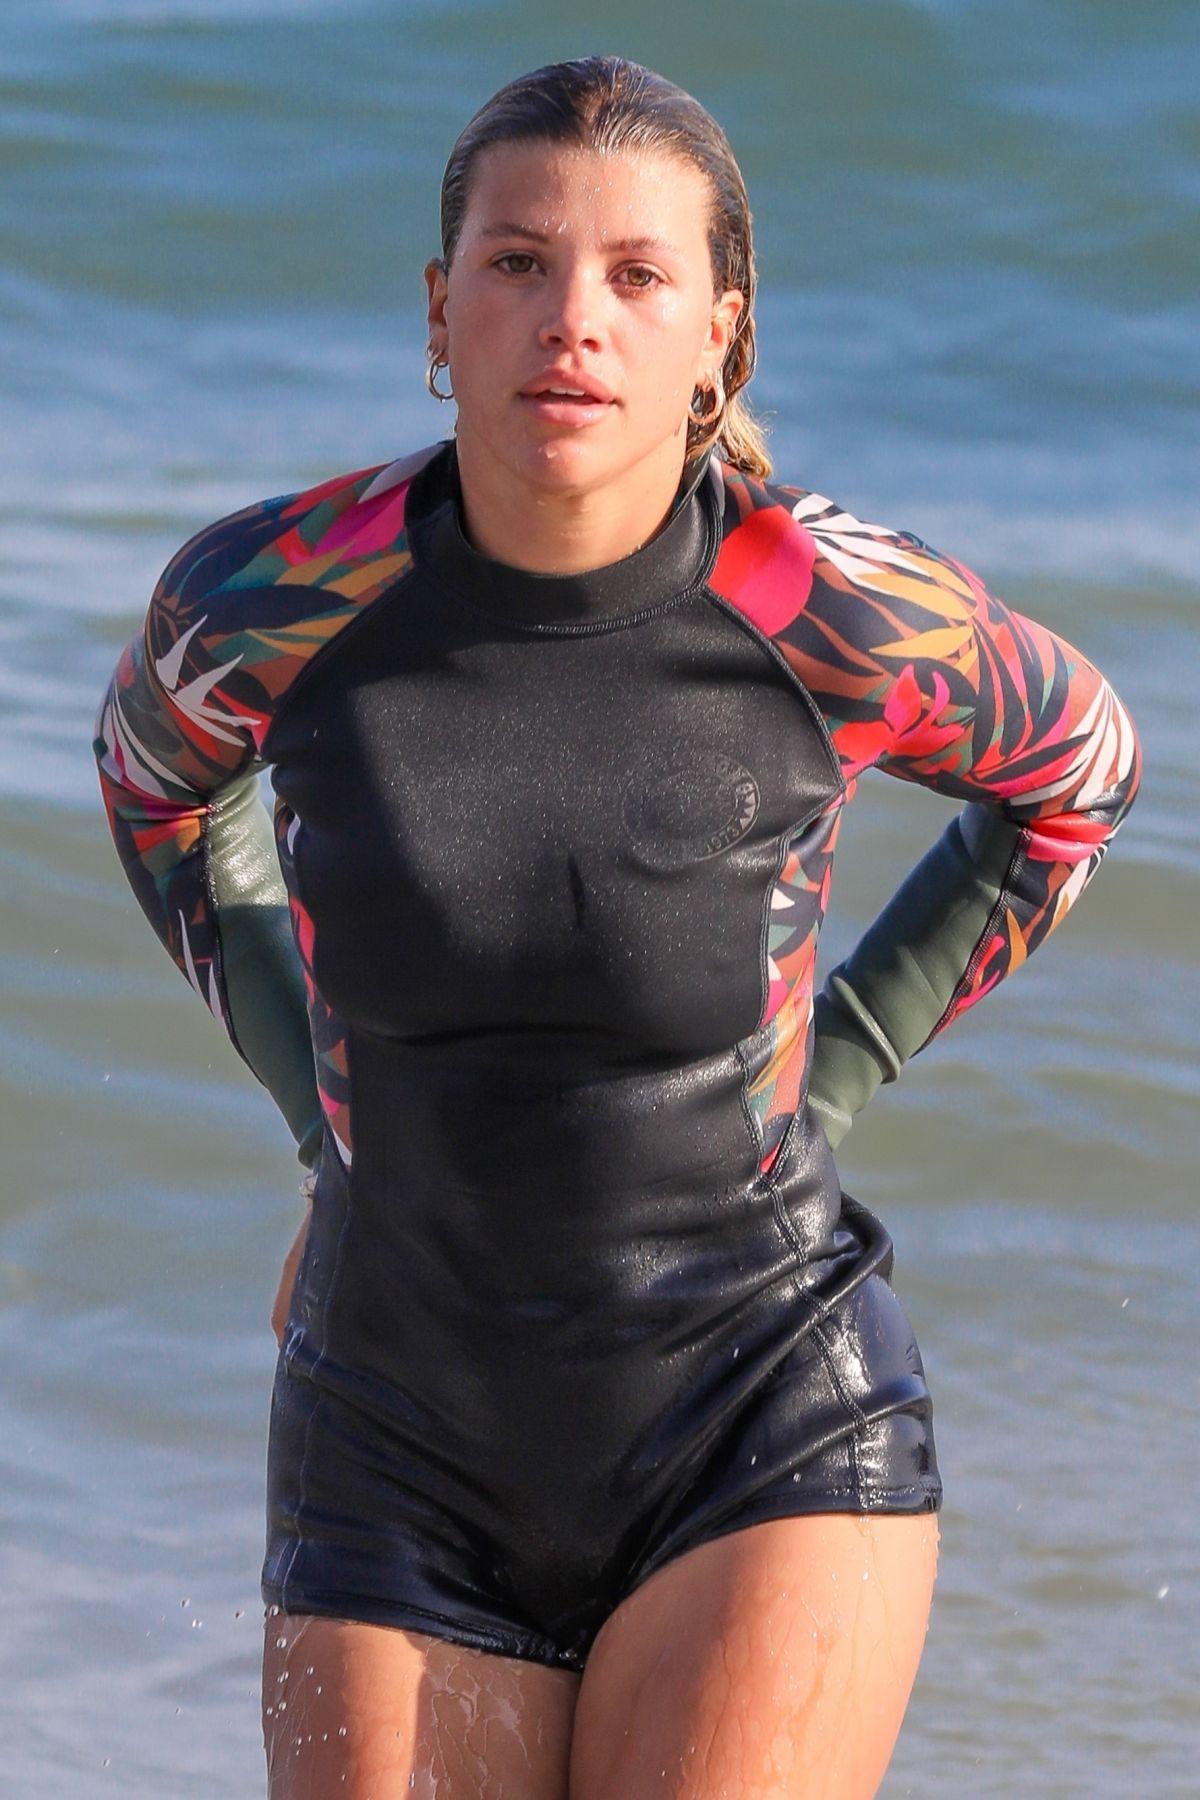 Sofia Richie Wetsuit Paddleboarding Malibu